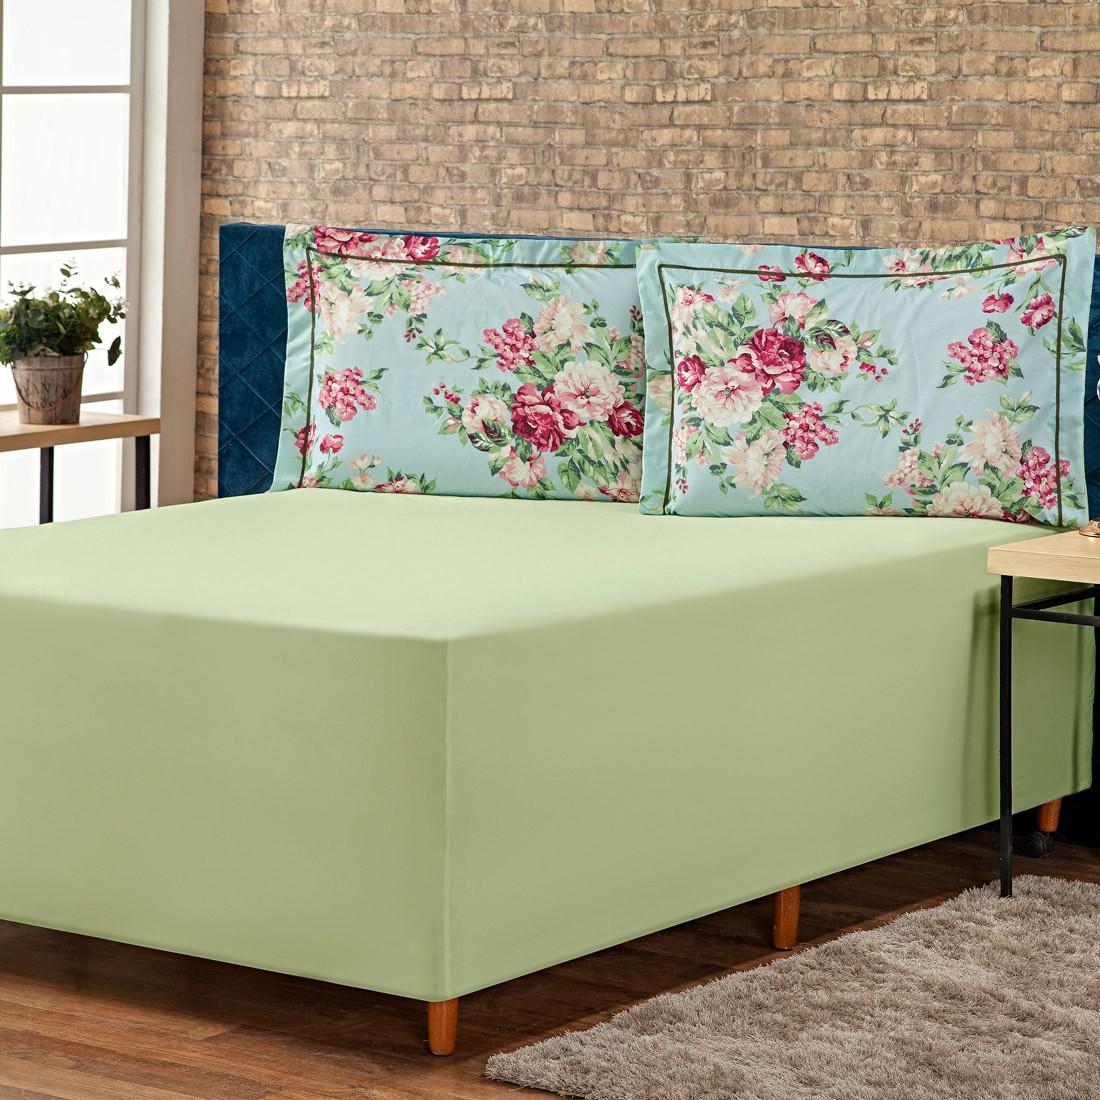 Jogo de Lençol p/ Cama Box Complet Floral Verde/Pink King 03 Peças - Percal 140 Fios